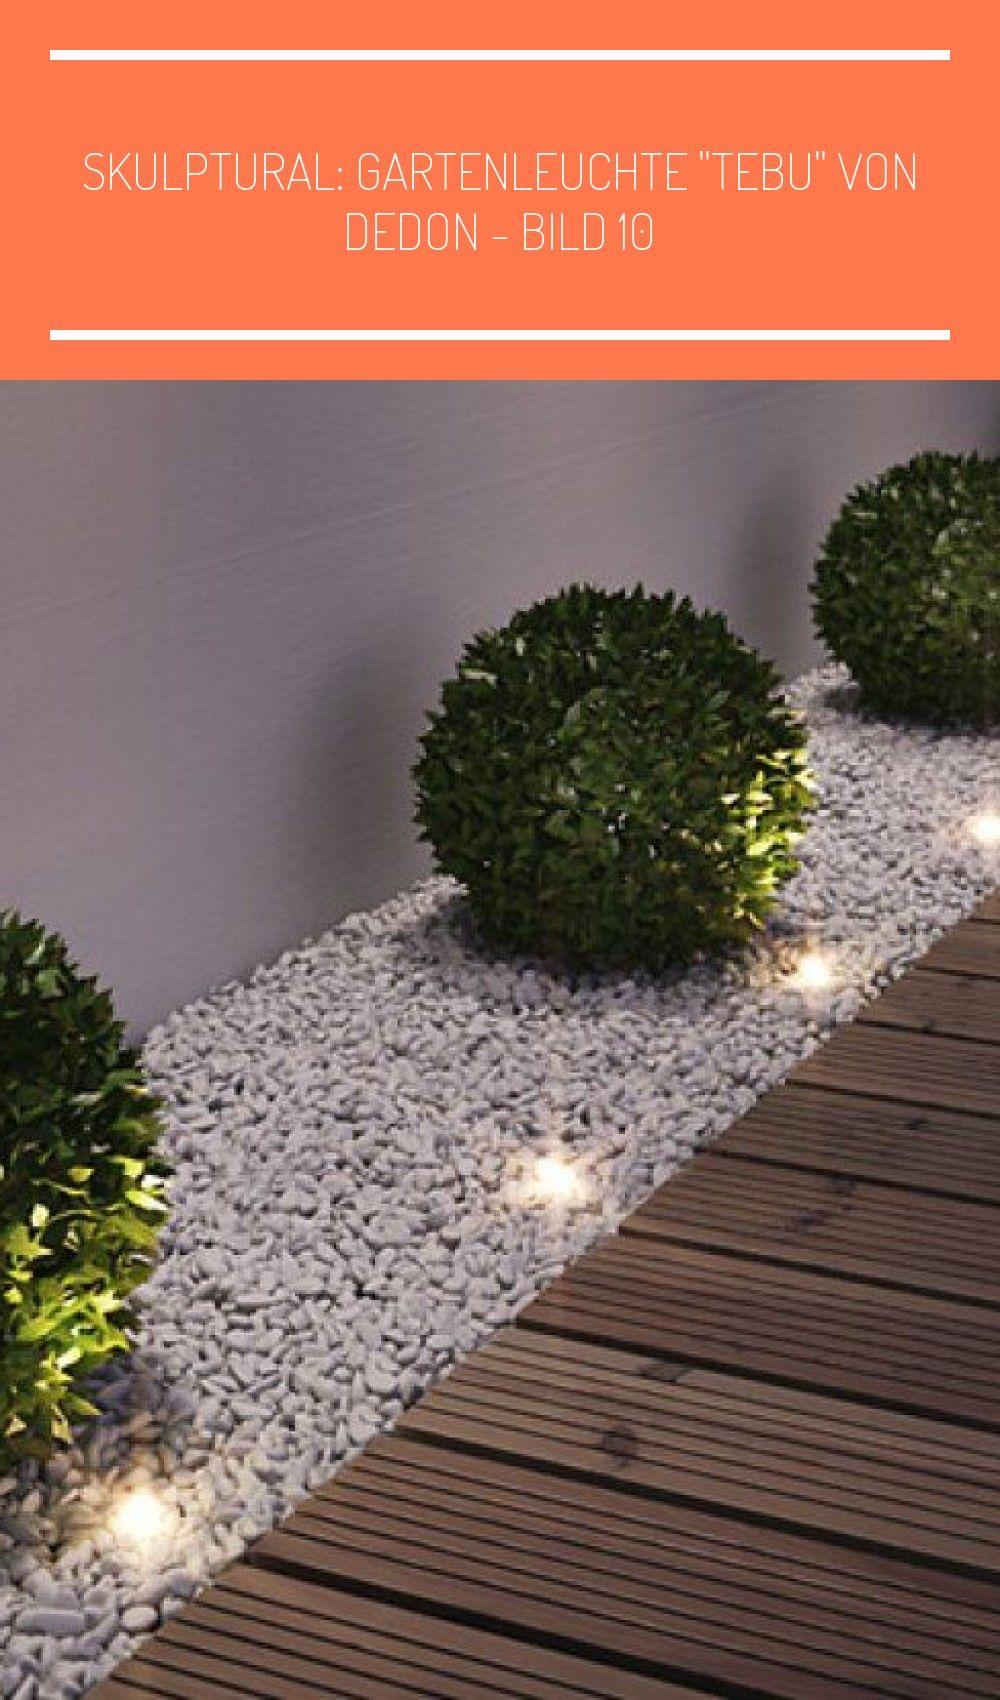 Schone Beleuchtung Fur Den Garten Haus Deko Eingangsbereich Aussen Skulptural Gartenleuchte Tebu Von Dedon Bild 10 In 2020 Laser Lights Body Treatments Grow Hair